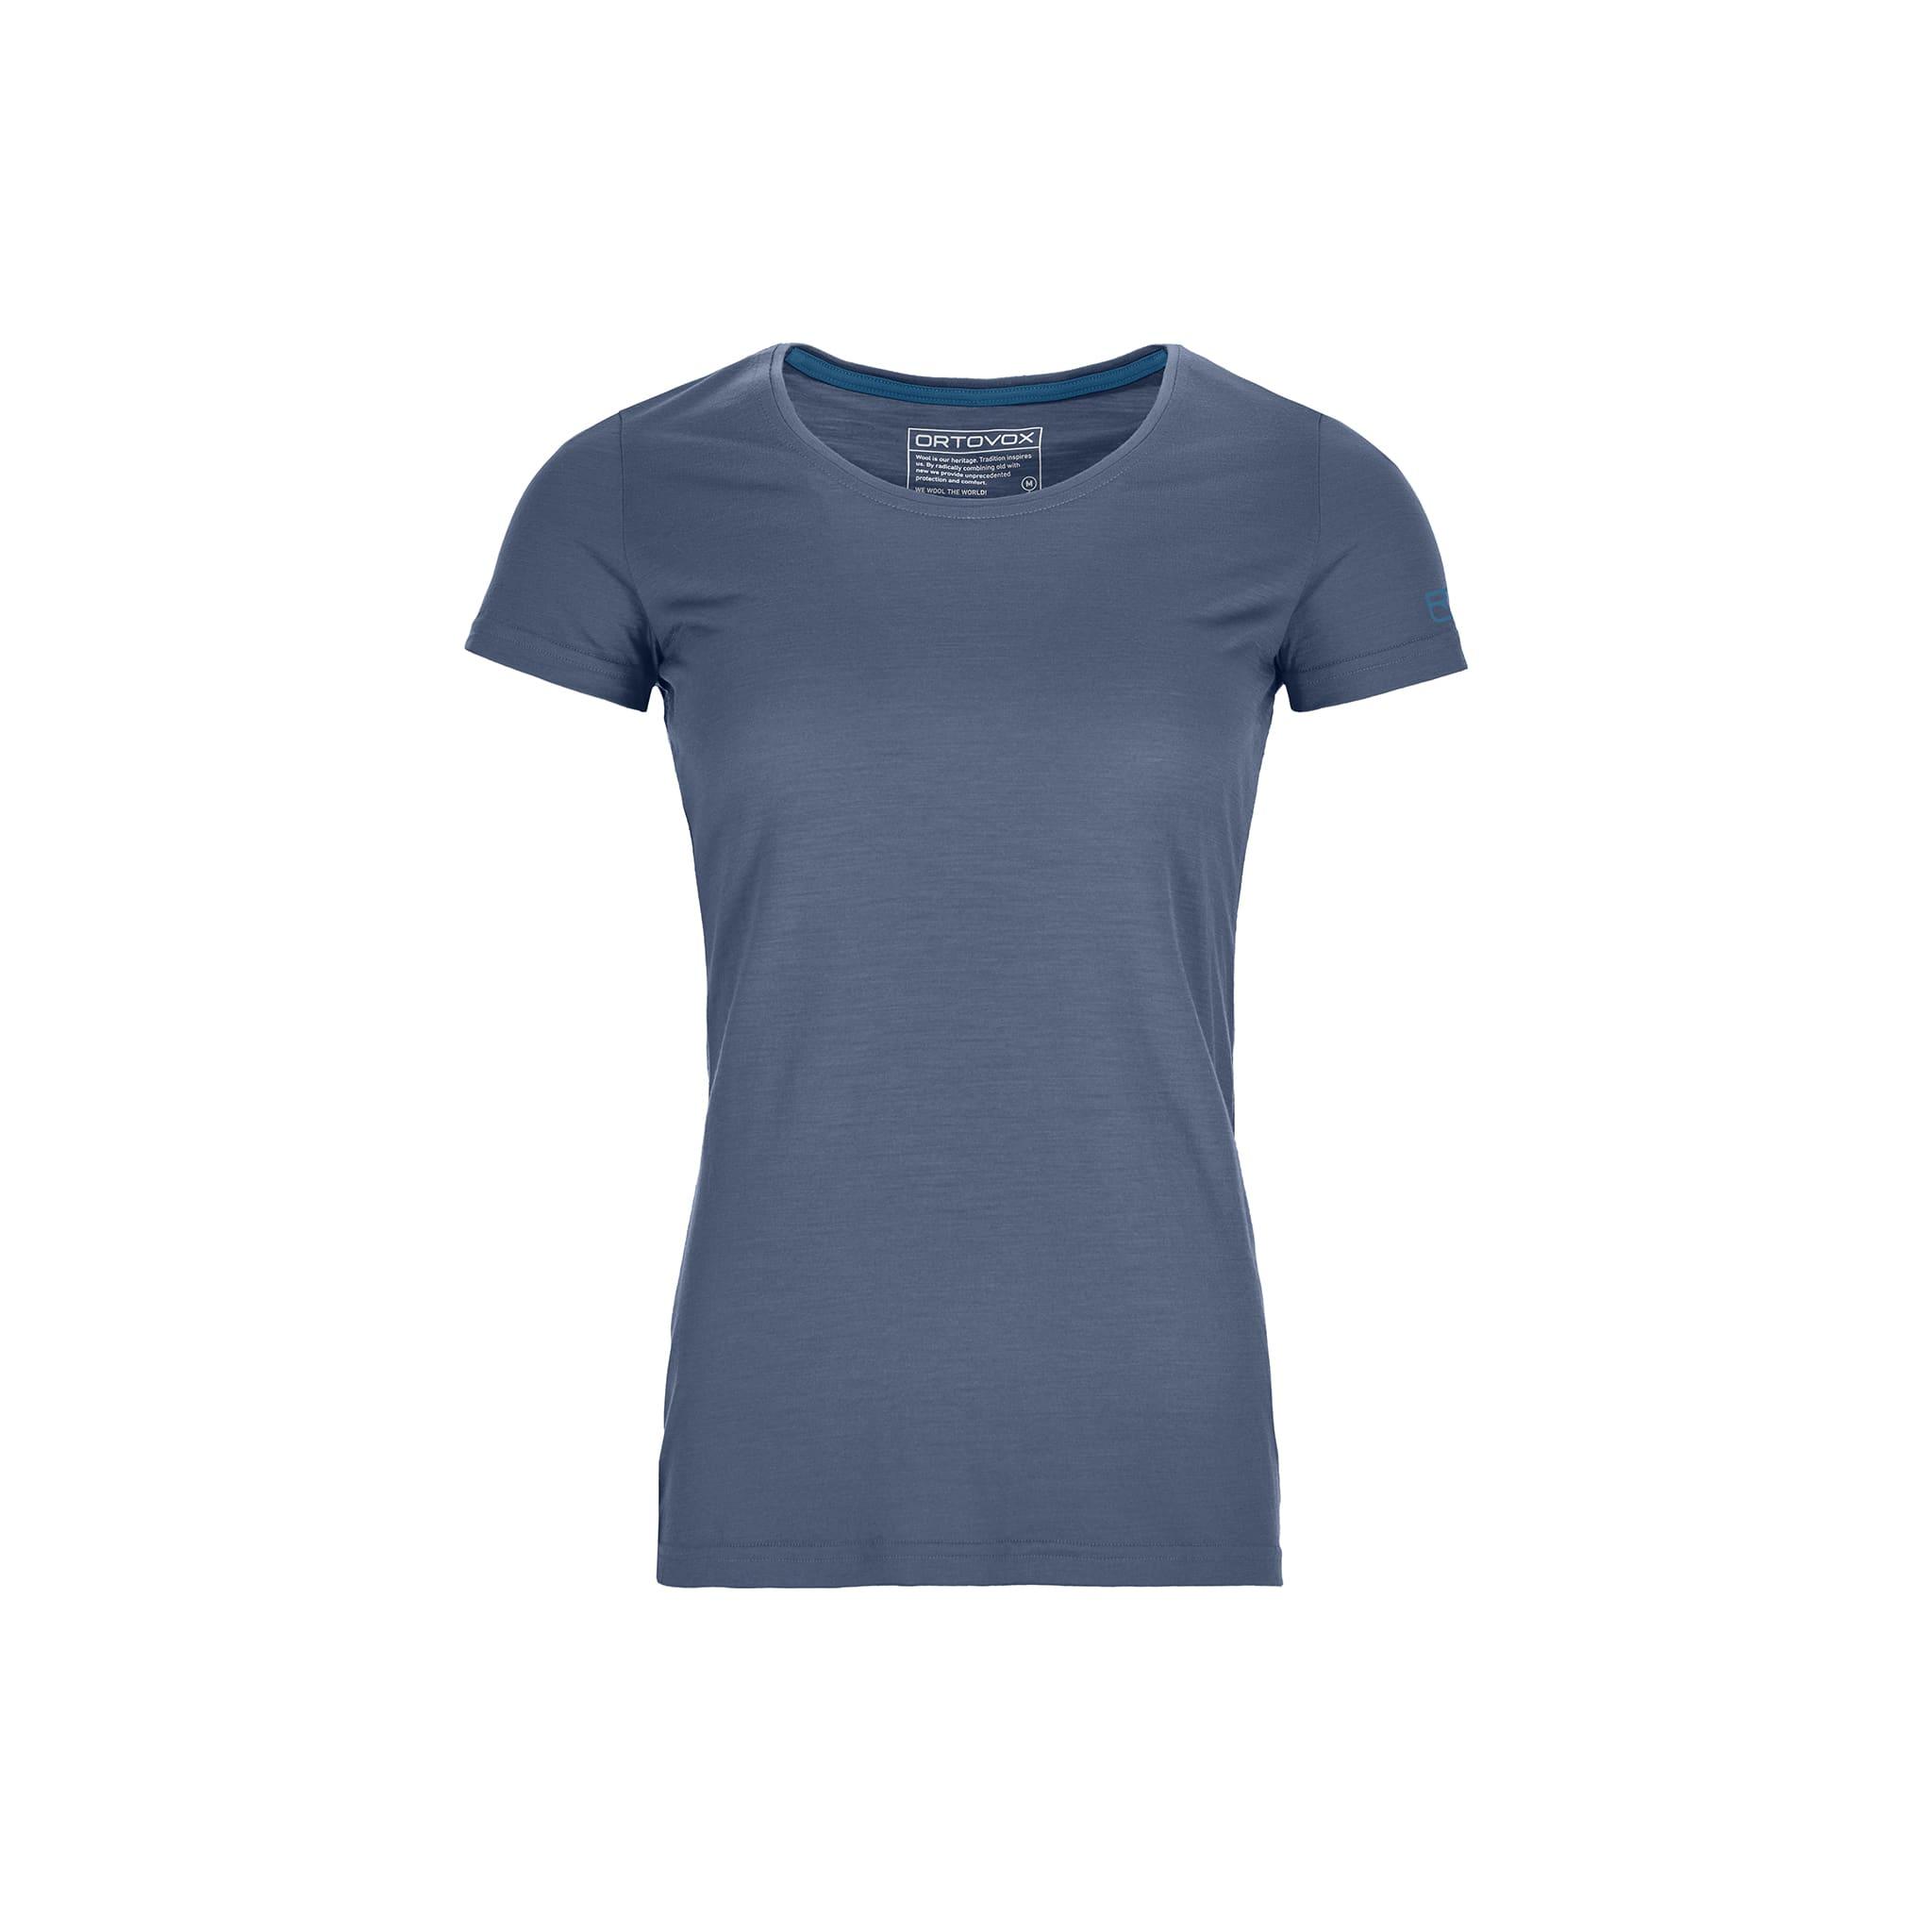 Tynn og behagelig t-skjorte i merinoull og Tencel